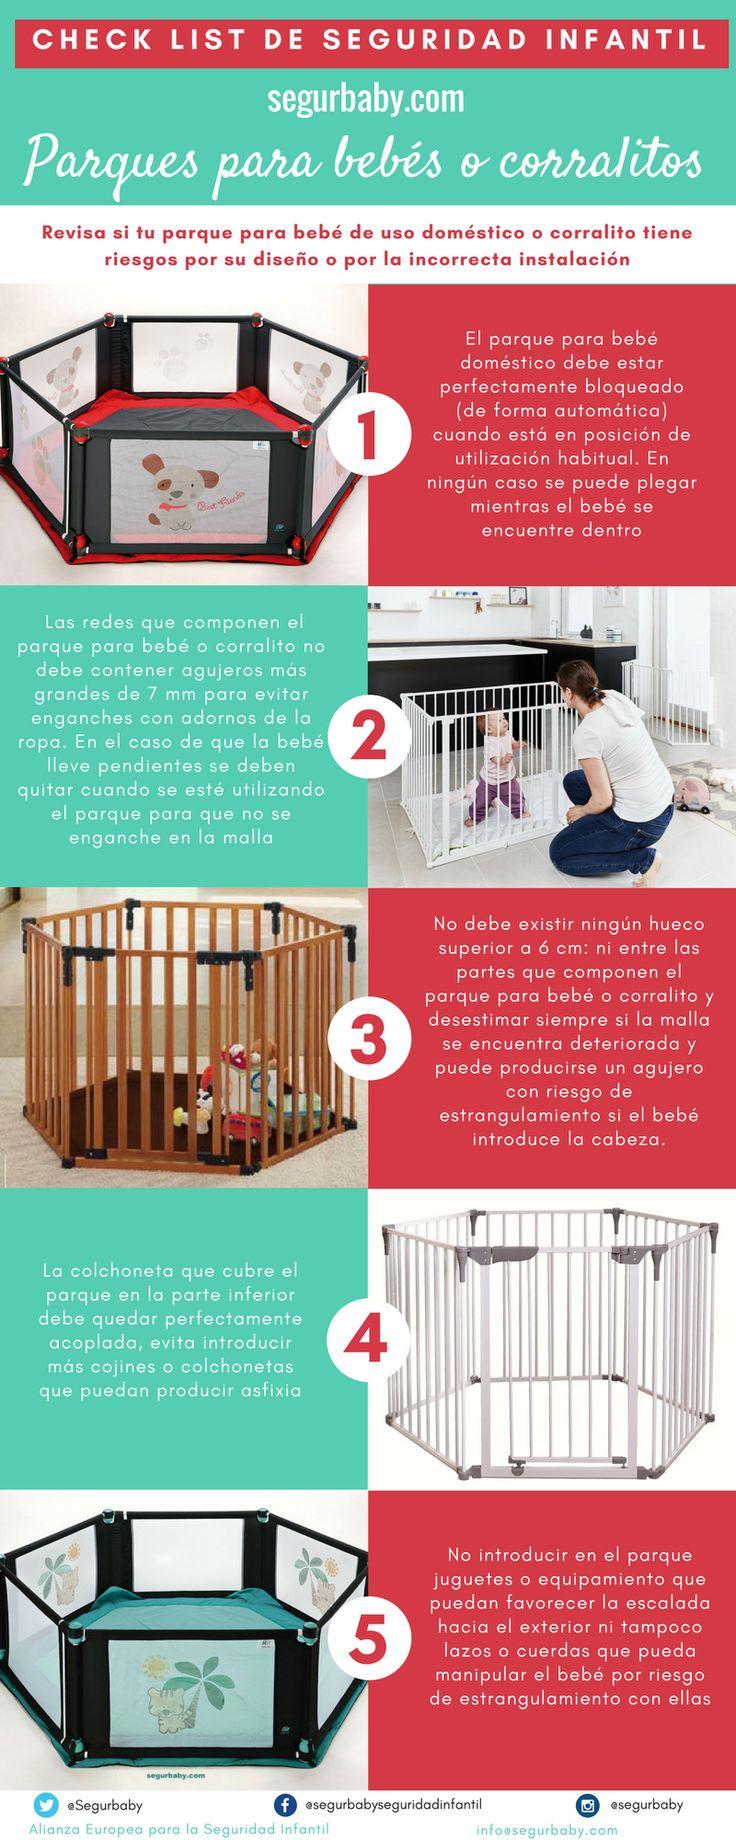 Chekc+list+de+verificación+para+parques+infantiles+o+corralitos